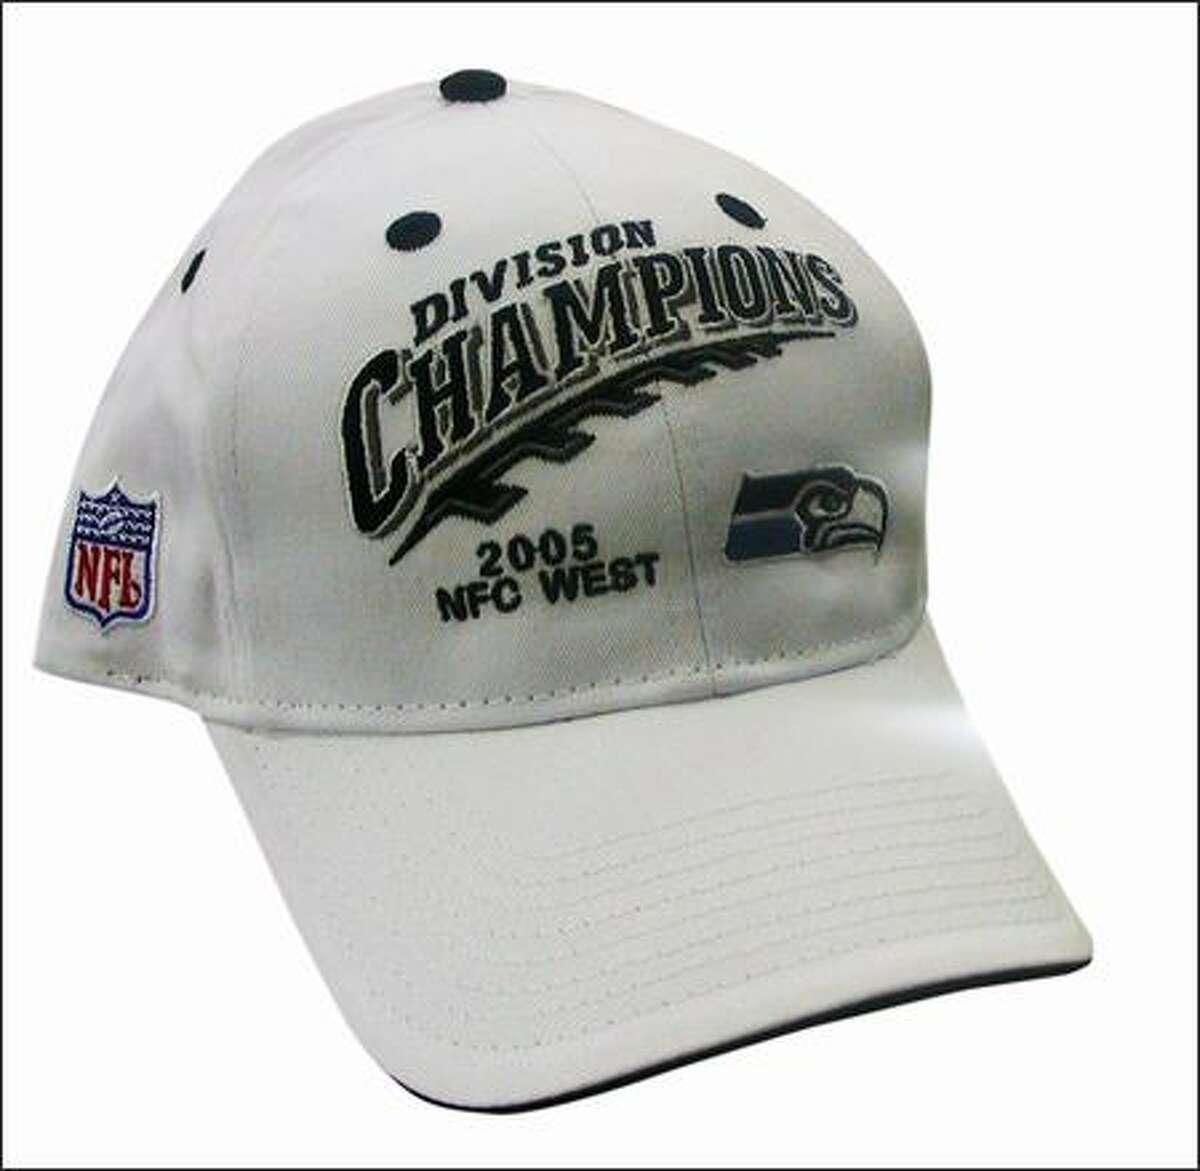 NFC Division Champions 2005 cap, $21.99 -